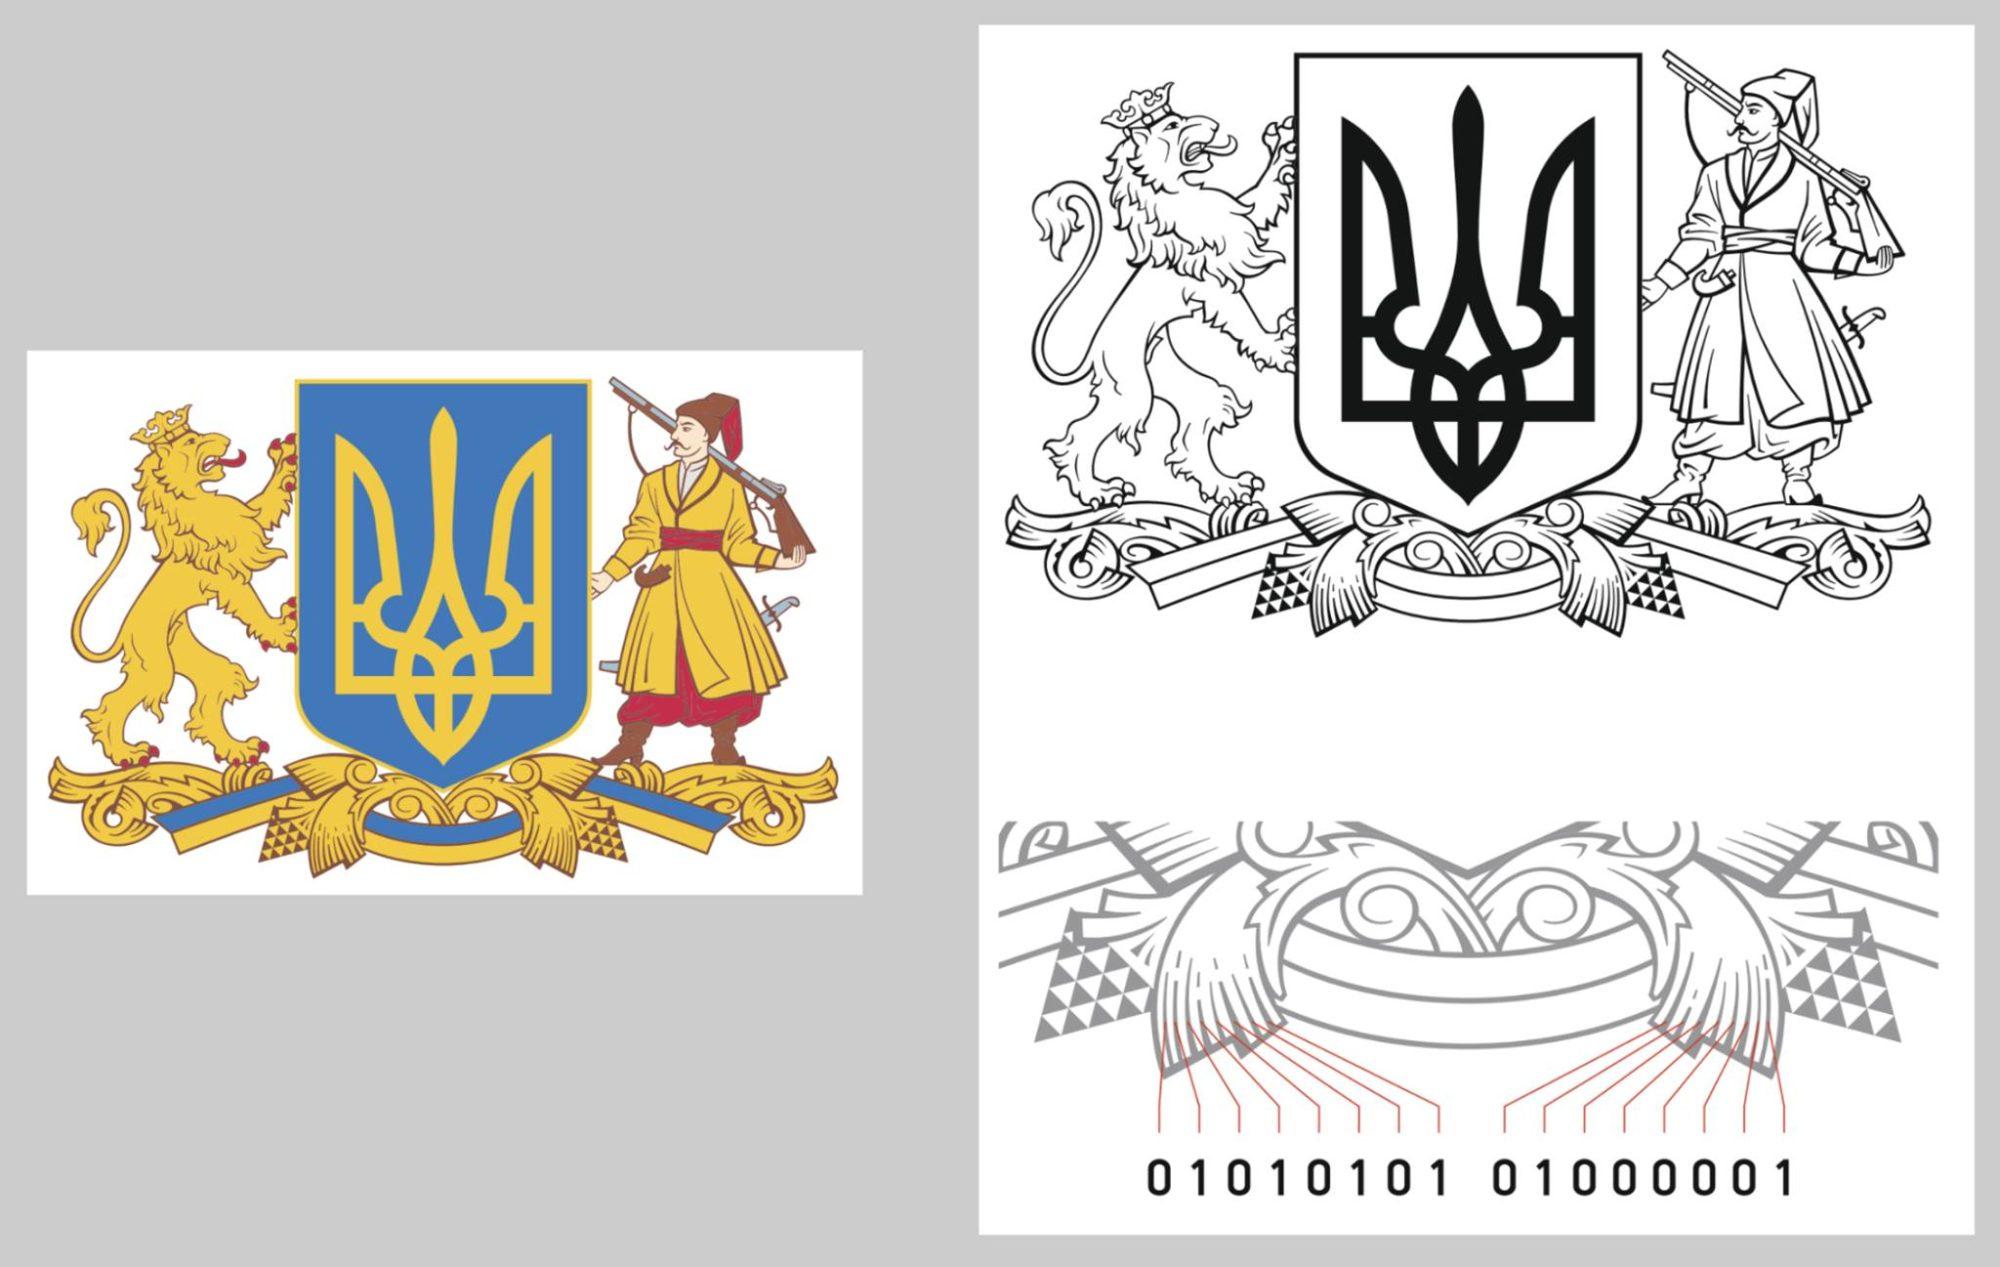 Конкурс завершено: який ескіз великого Державного герба України визнали кращим - конкурс, Зеленський, держава - 126600009 10159090585618552 4911141634536762289 o 2000x1267